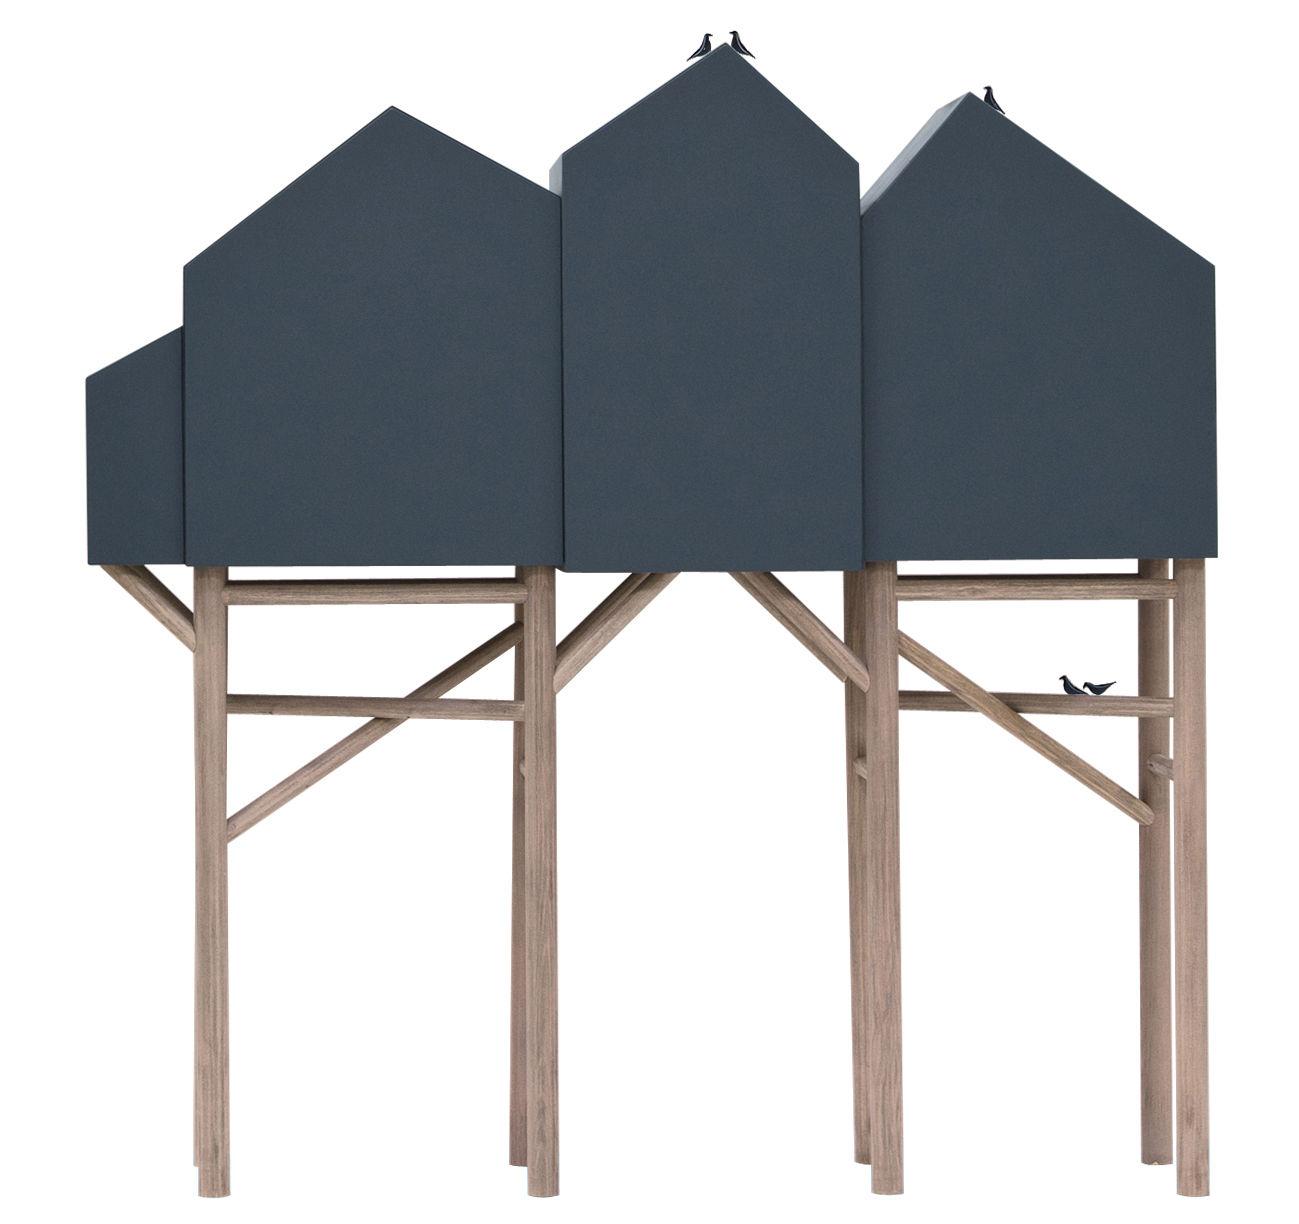 Mobilier - Mobilier Kids - Buffet Palafitt / 4 portes - L 161 cm - Seletti - Gris anthracite / Bois naturel - Bois de hêtre, MDF